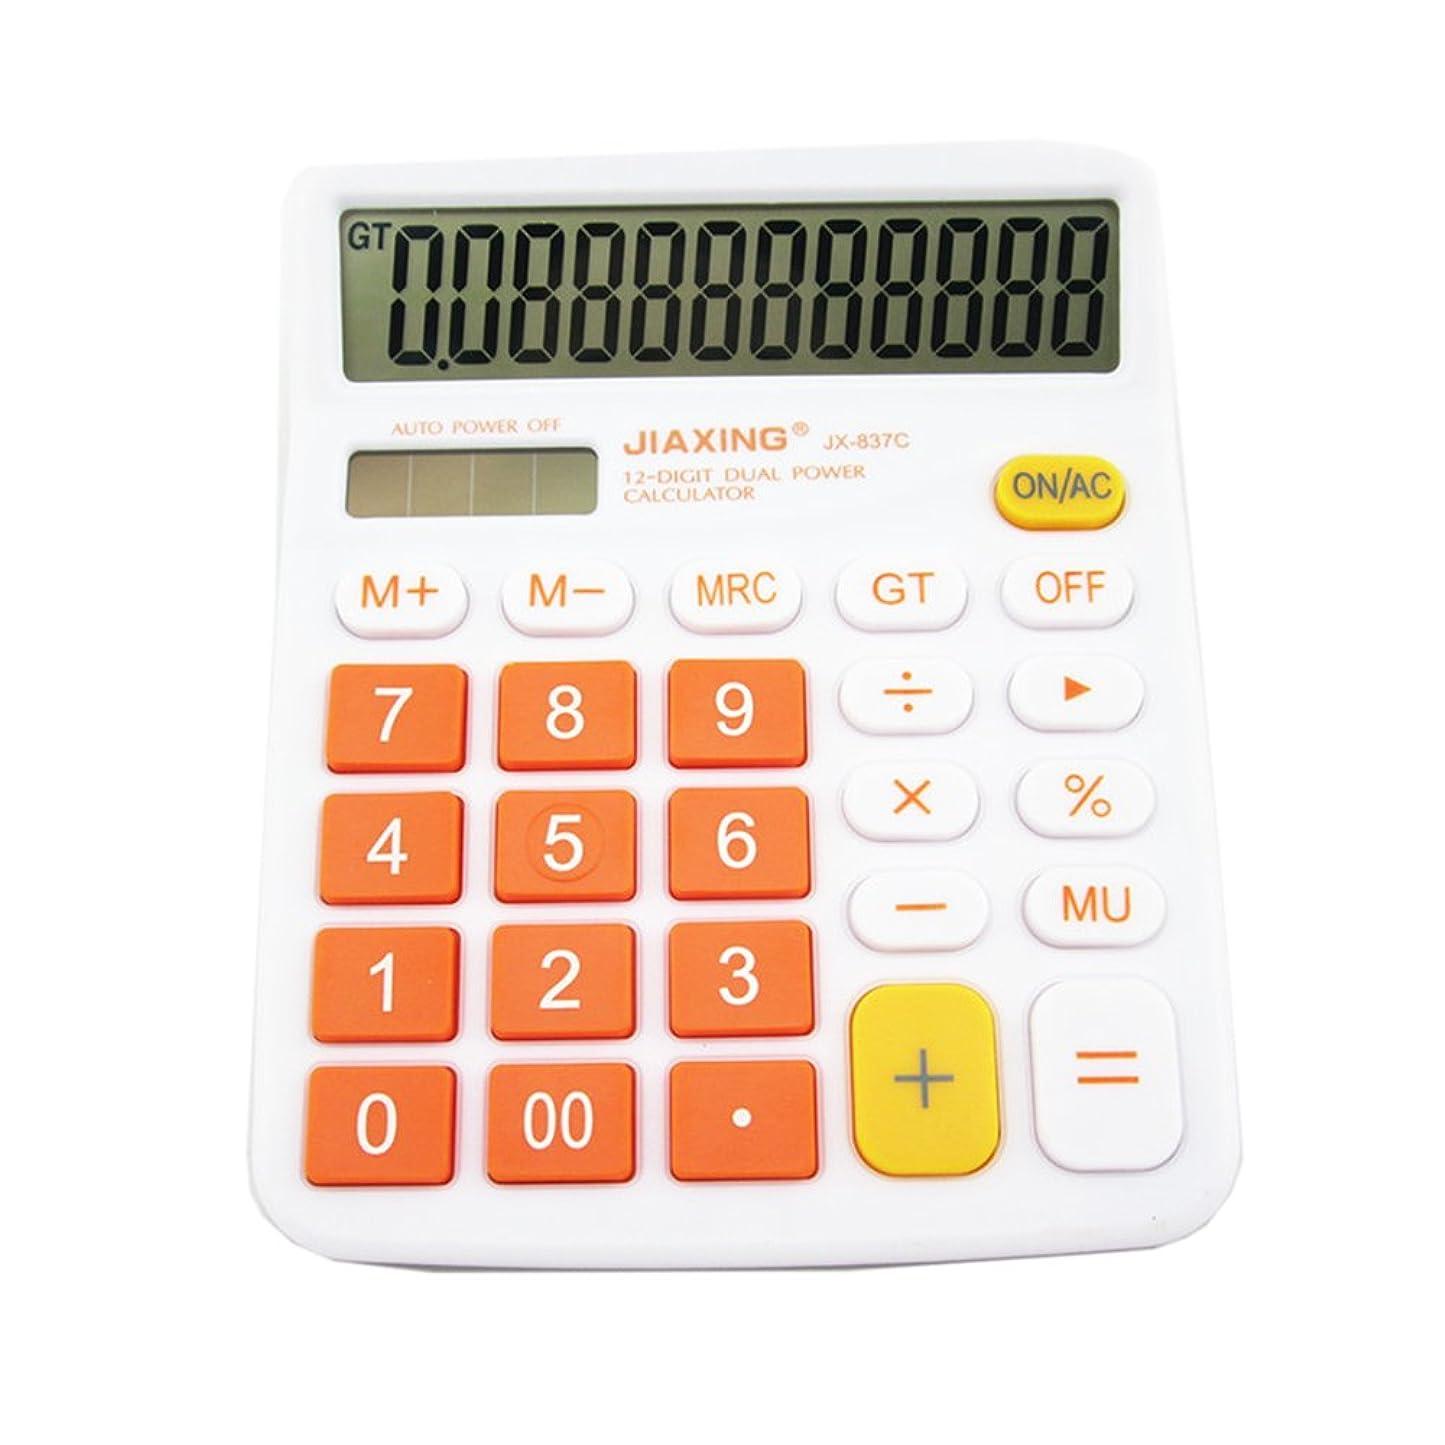 バンクシステム残り物GardenHelper 12桁カラフル大きなボタンLCD表示電卓デスクトップのオフィスホーム学校、ソーラー&バッテリーデュアルPowered標準電子計算機 オレンジ